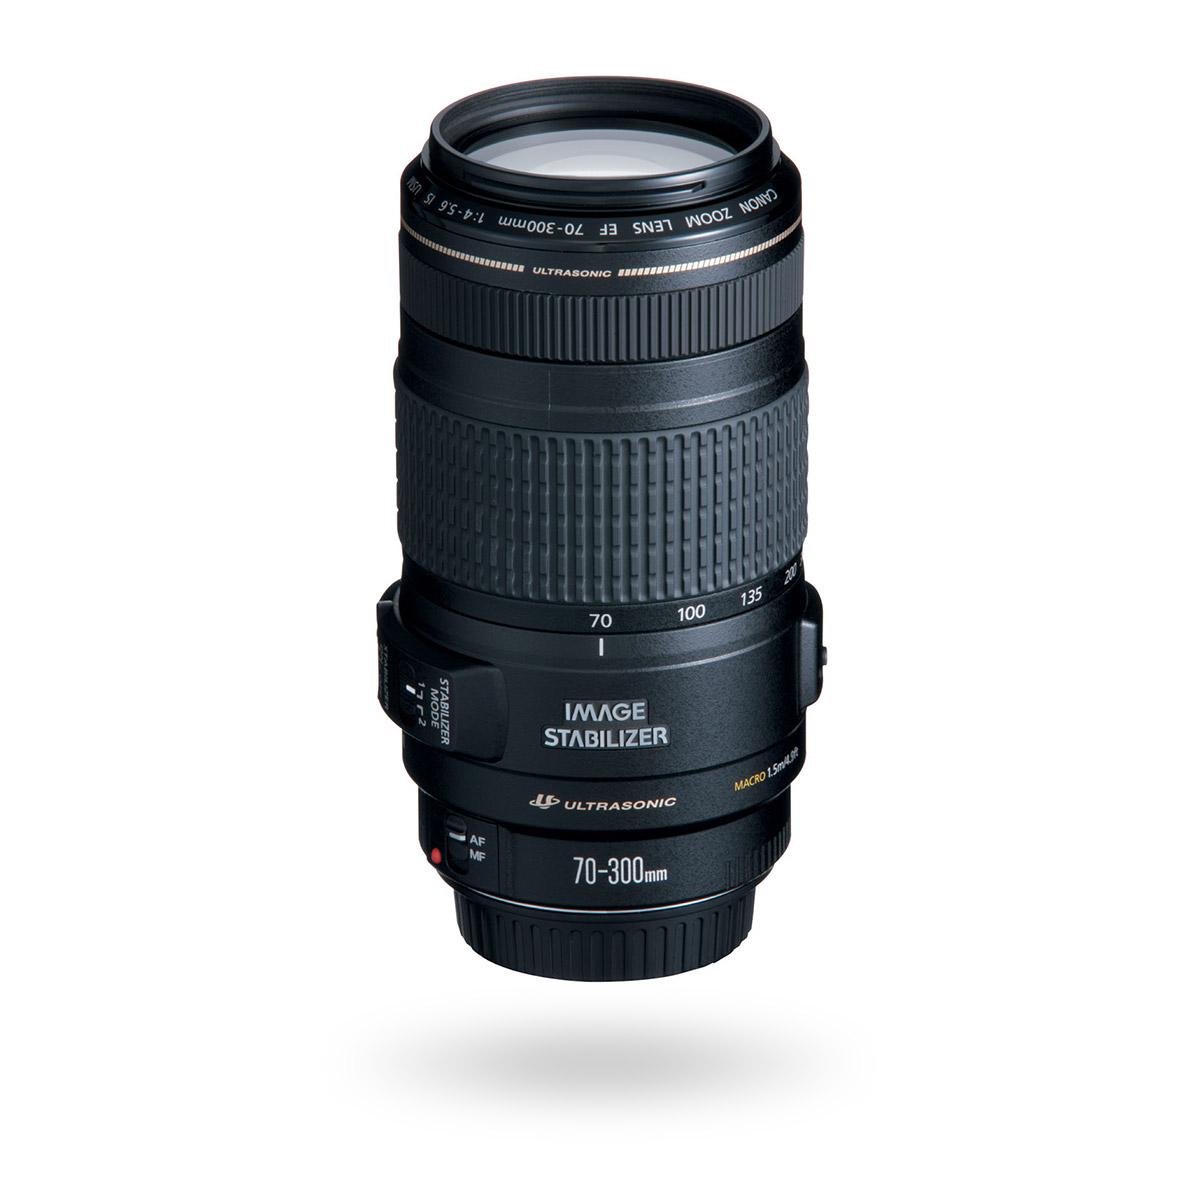 EF 70-300mm f/4-5.6 IS USM lens